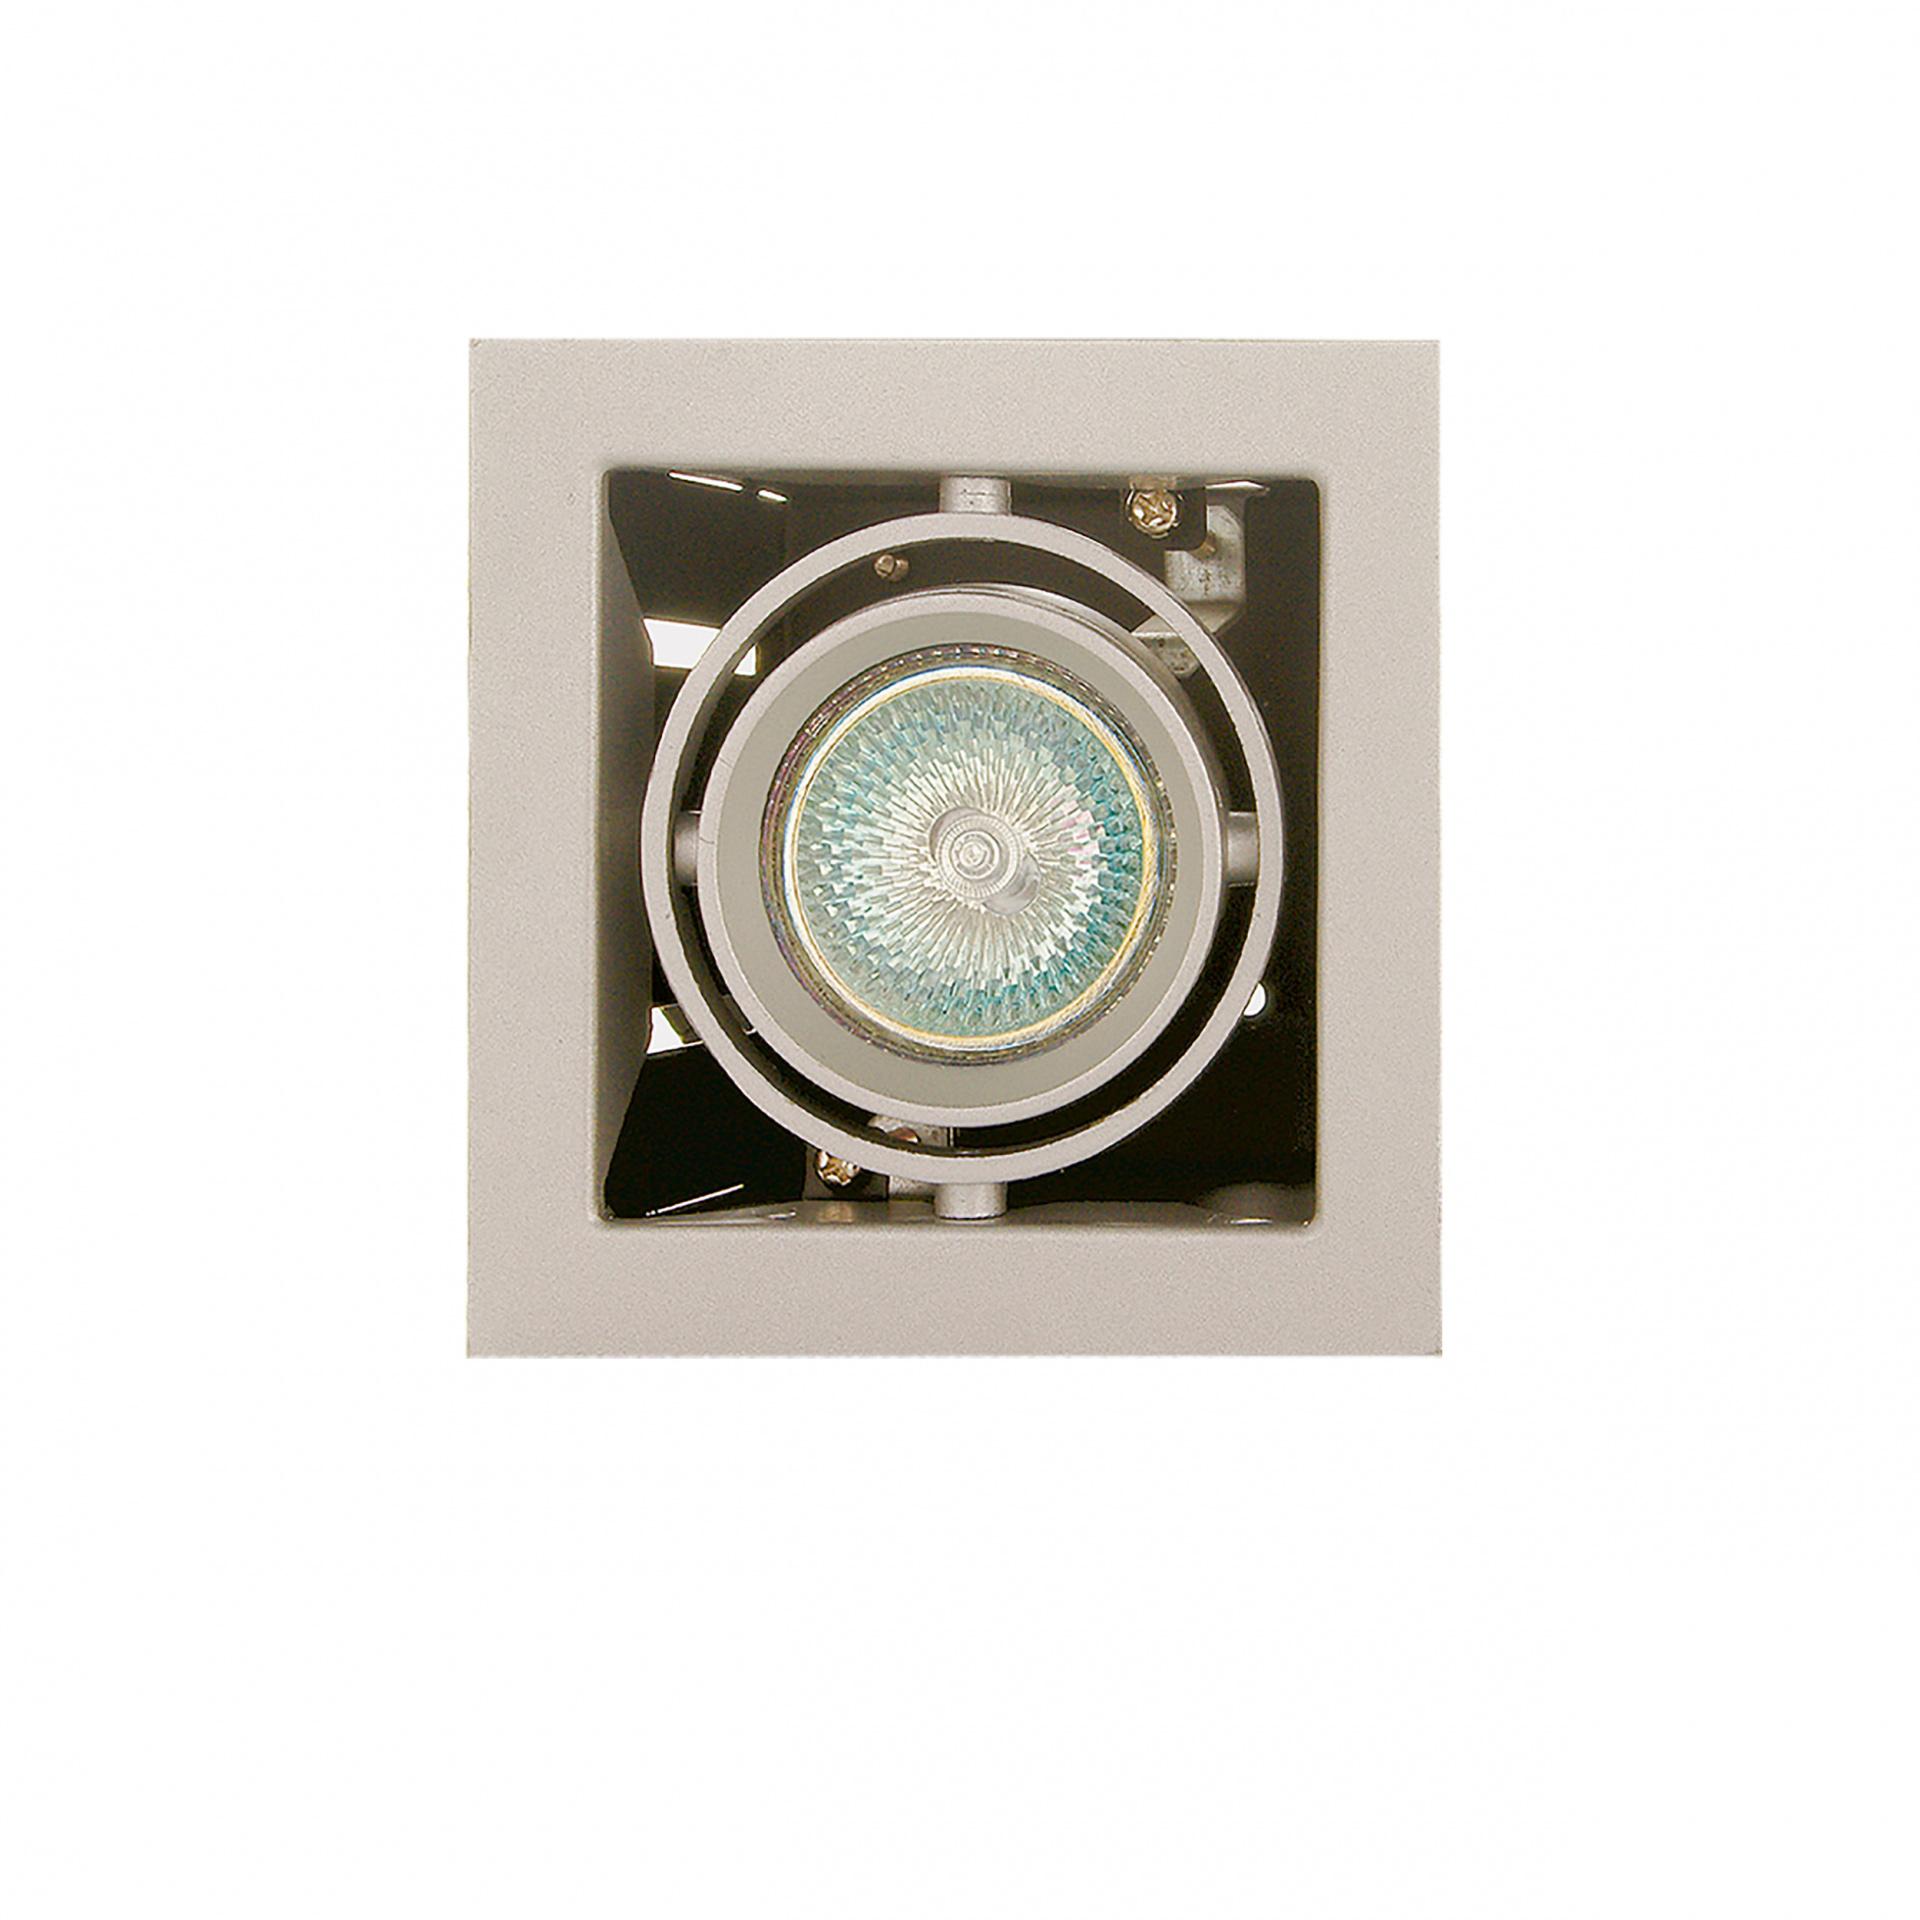 Светильник Cardano 16Х1 MR16 / HP16 титан Lightstar 214017, купить в СПб, Москве, с доставкой, Санкт-Петербург, интернет-магазин люстр и светильников Starlight, фото в жизни